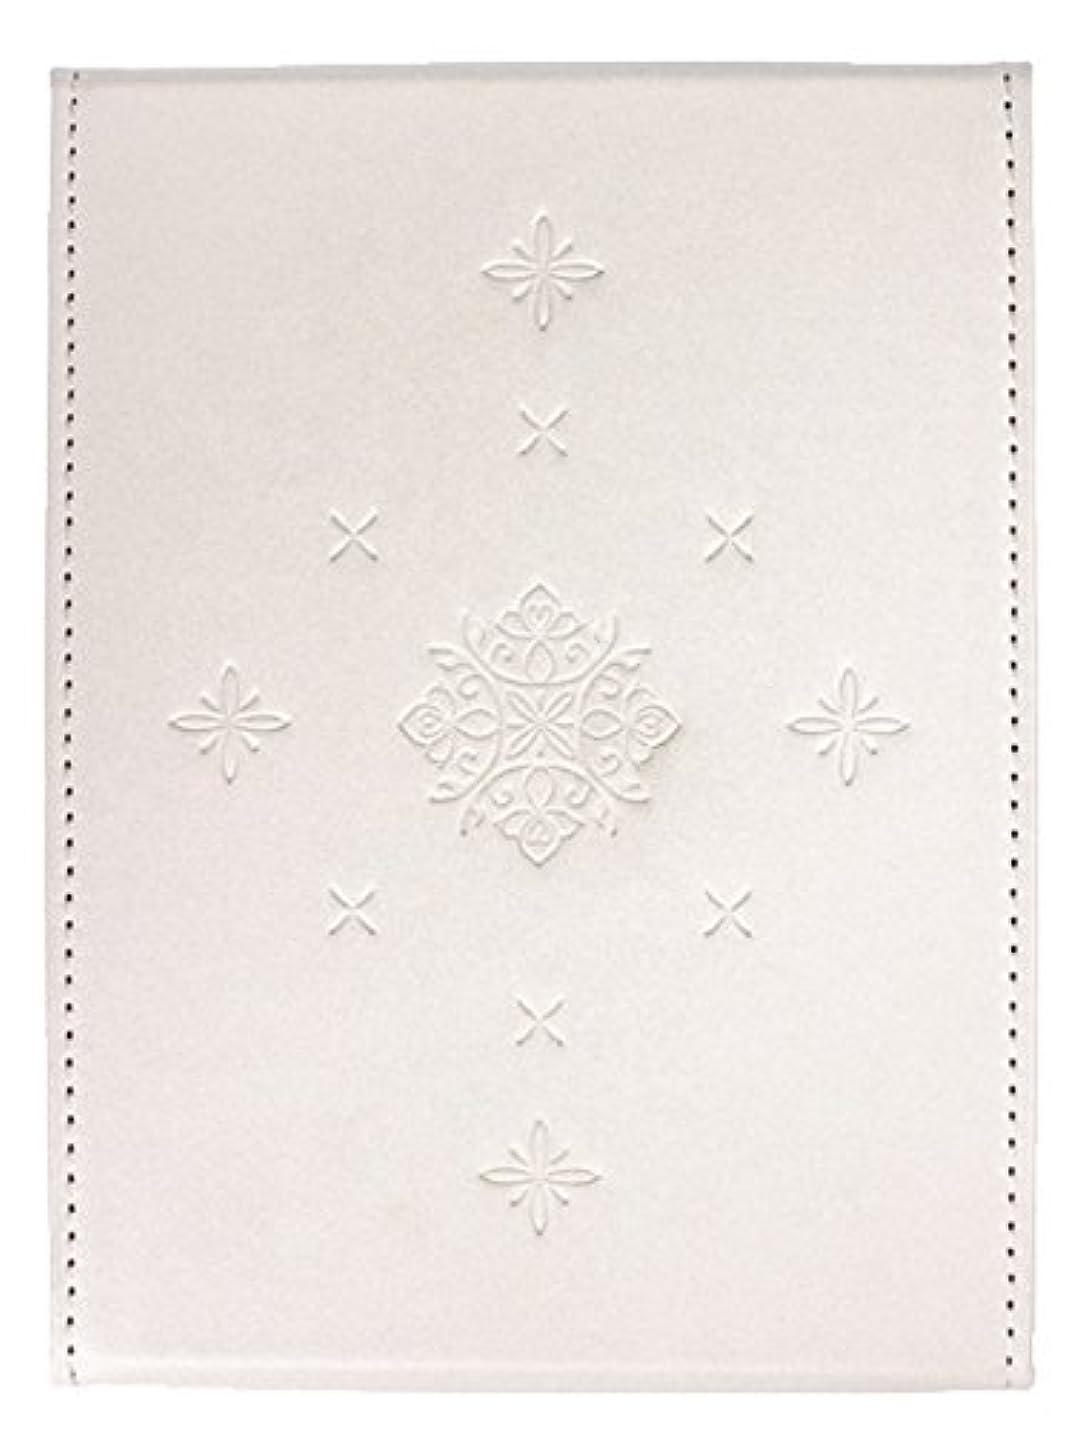 懲らしめ安心させる香り粋 折立ミラー ホワイト YSU-02